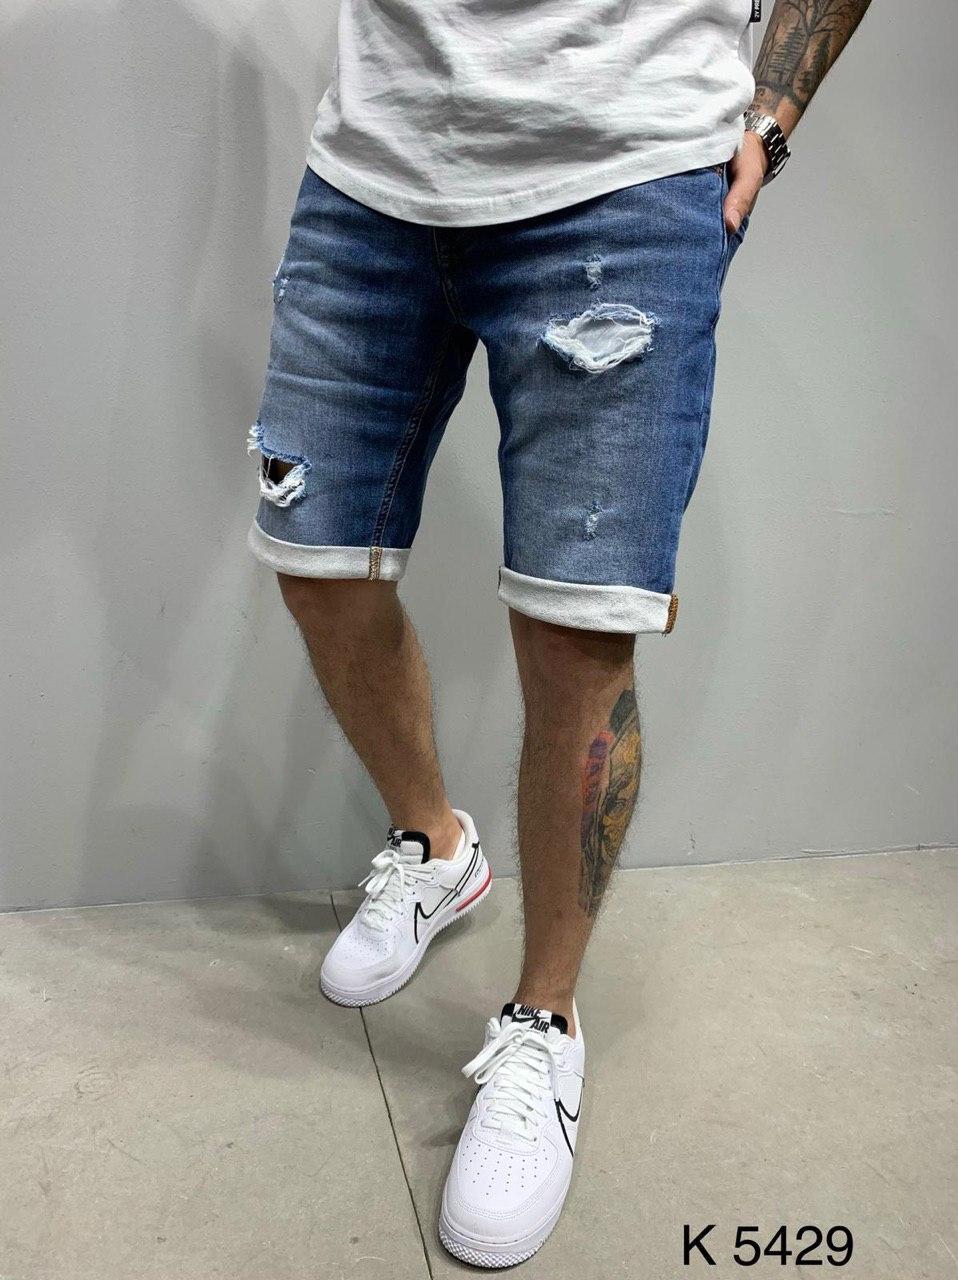 Чоловічі джинсові шорти сині рвані з підворотом